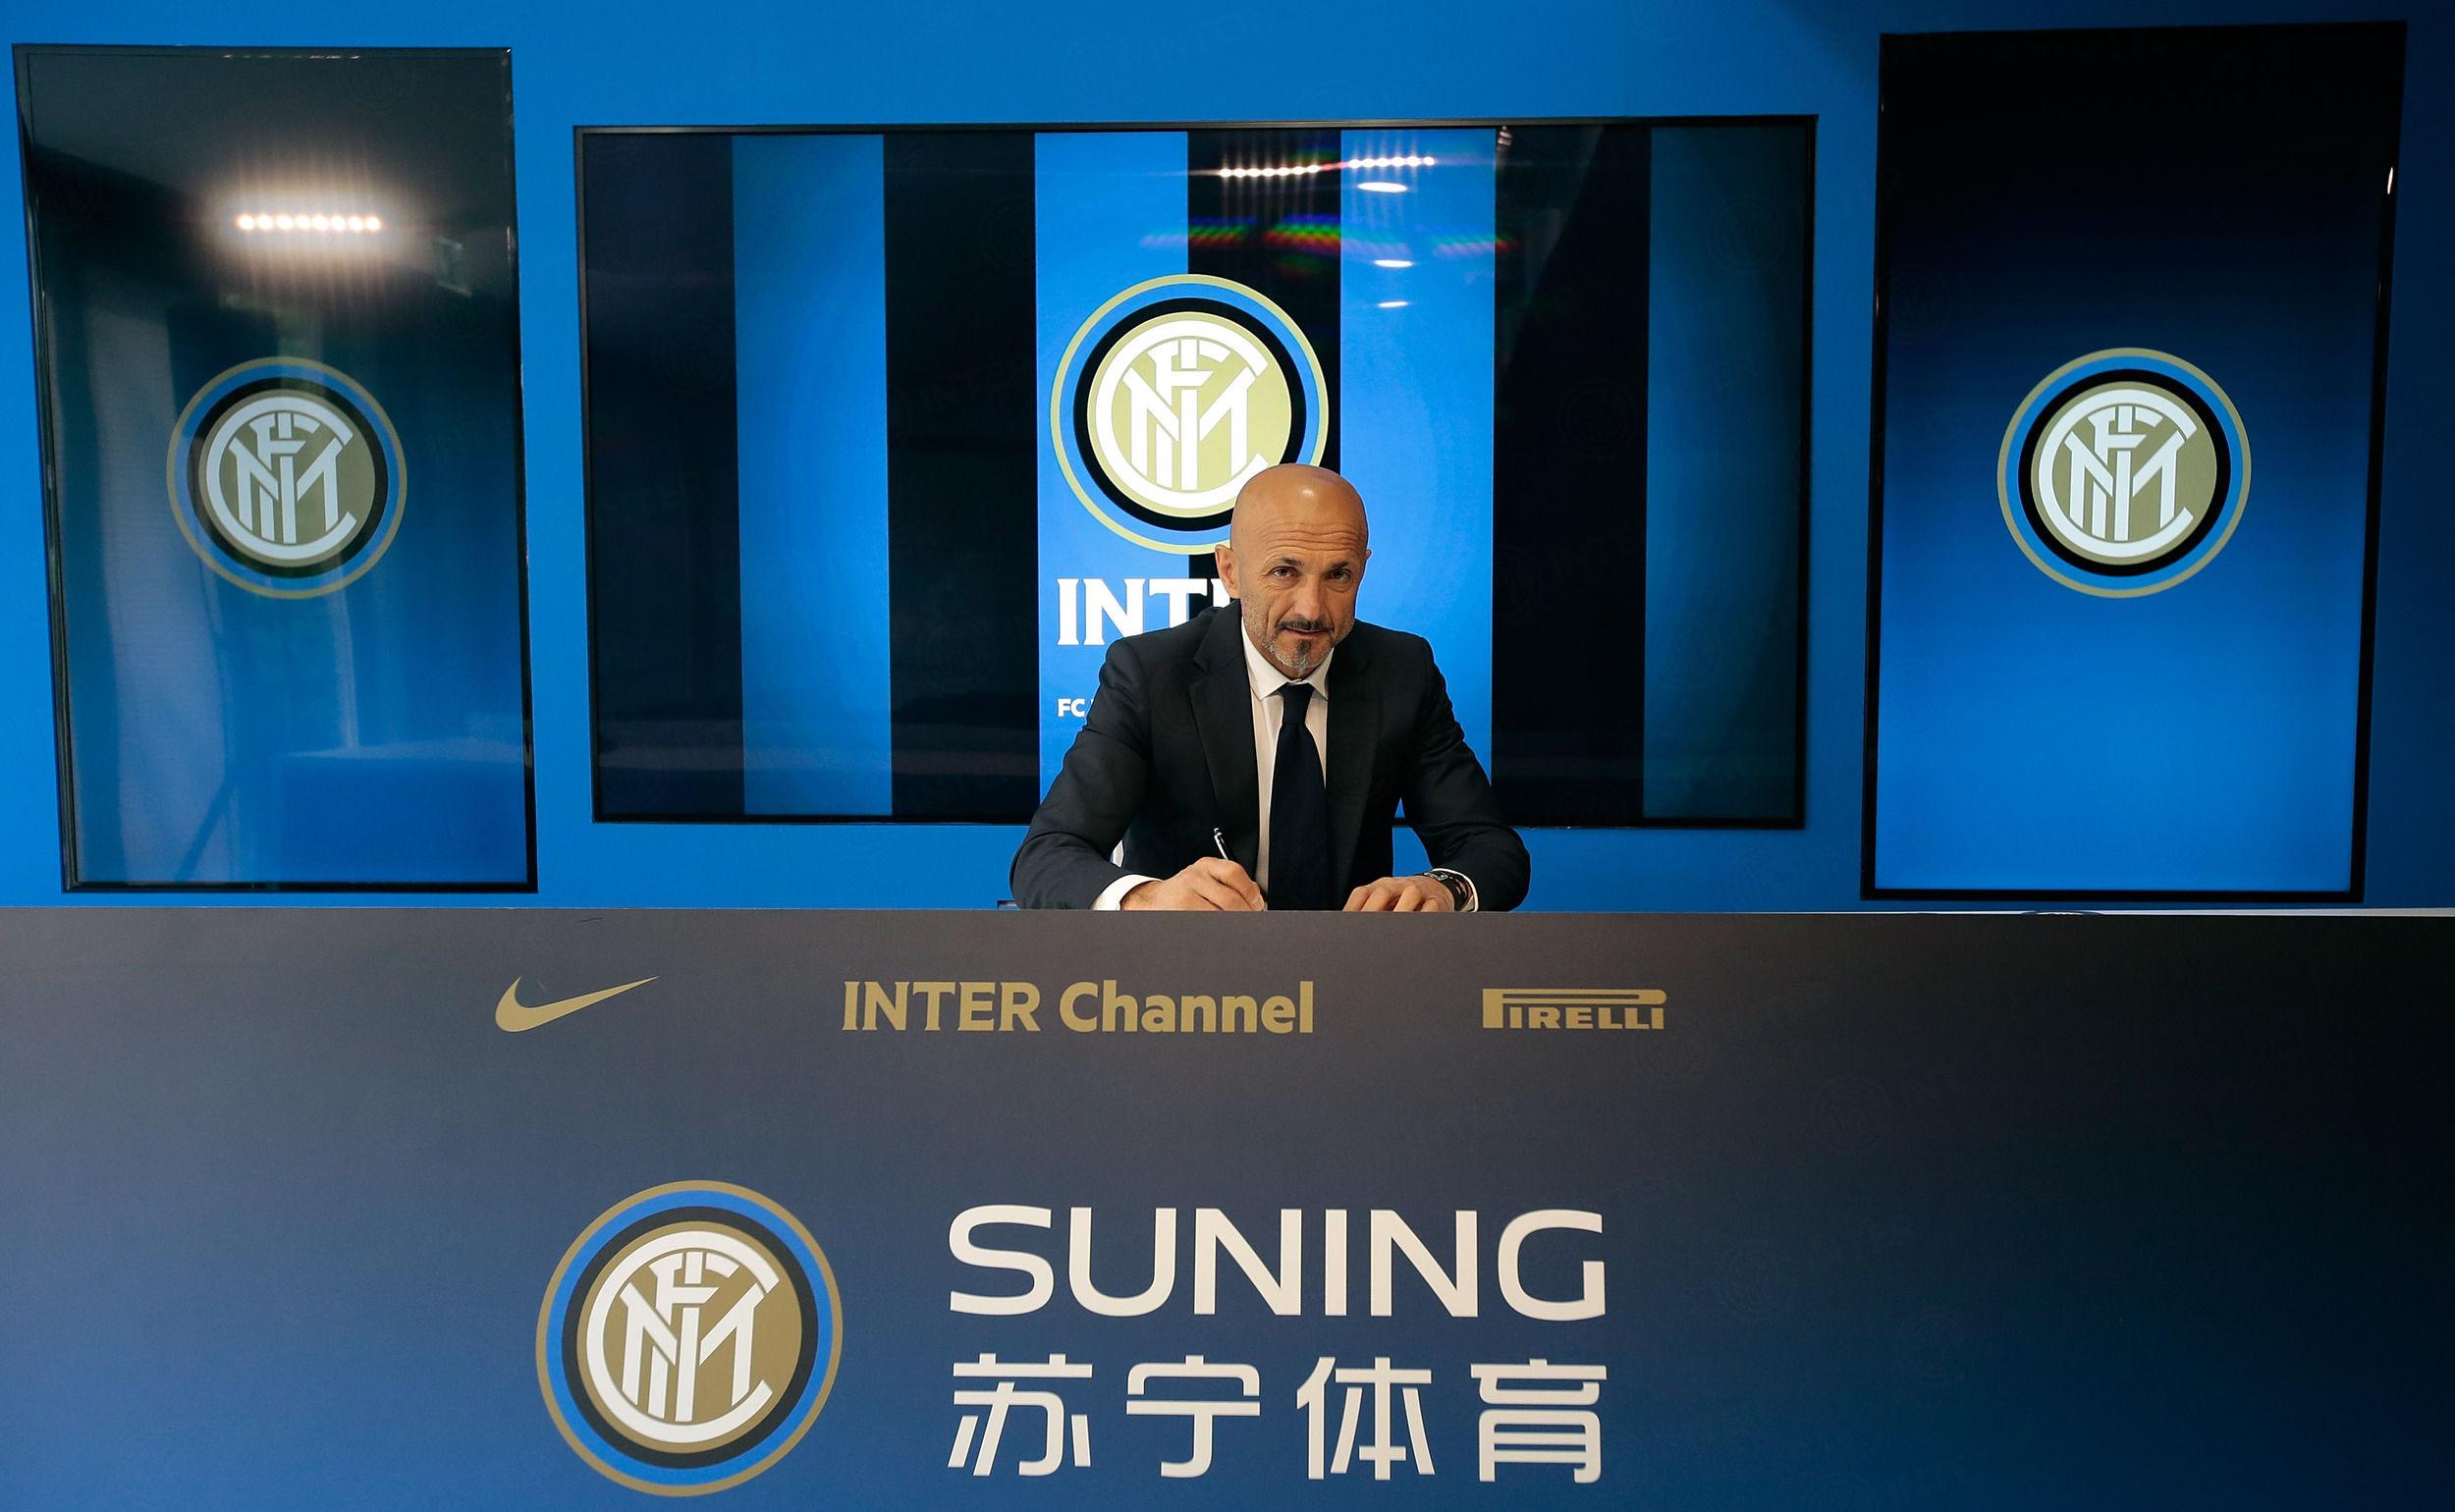 Konfirmasi Inter tentang penunjukan Luciano Spalletti